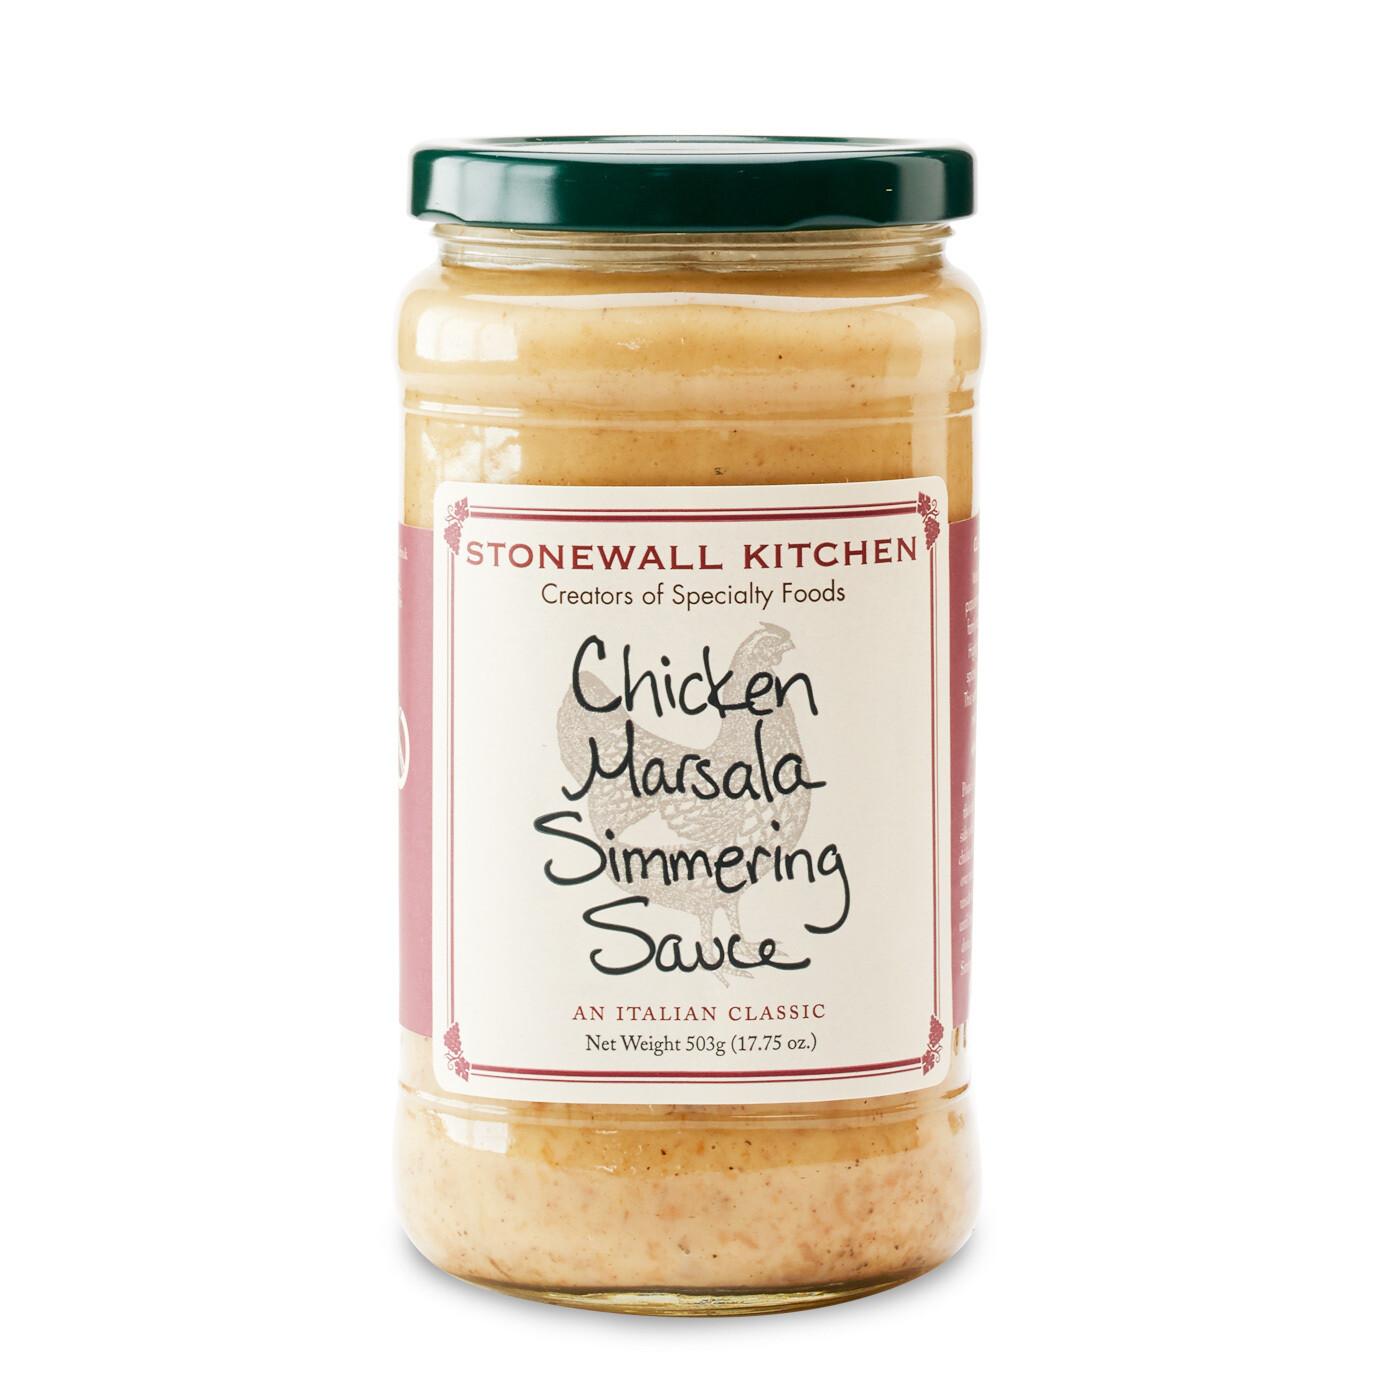 Chicken marsala simmering sauce